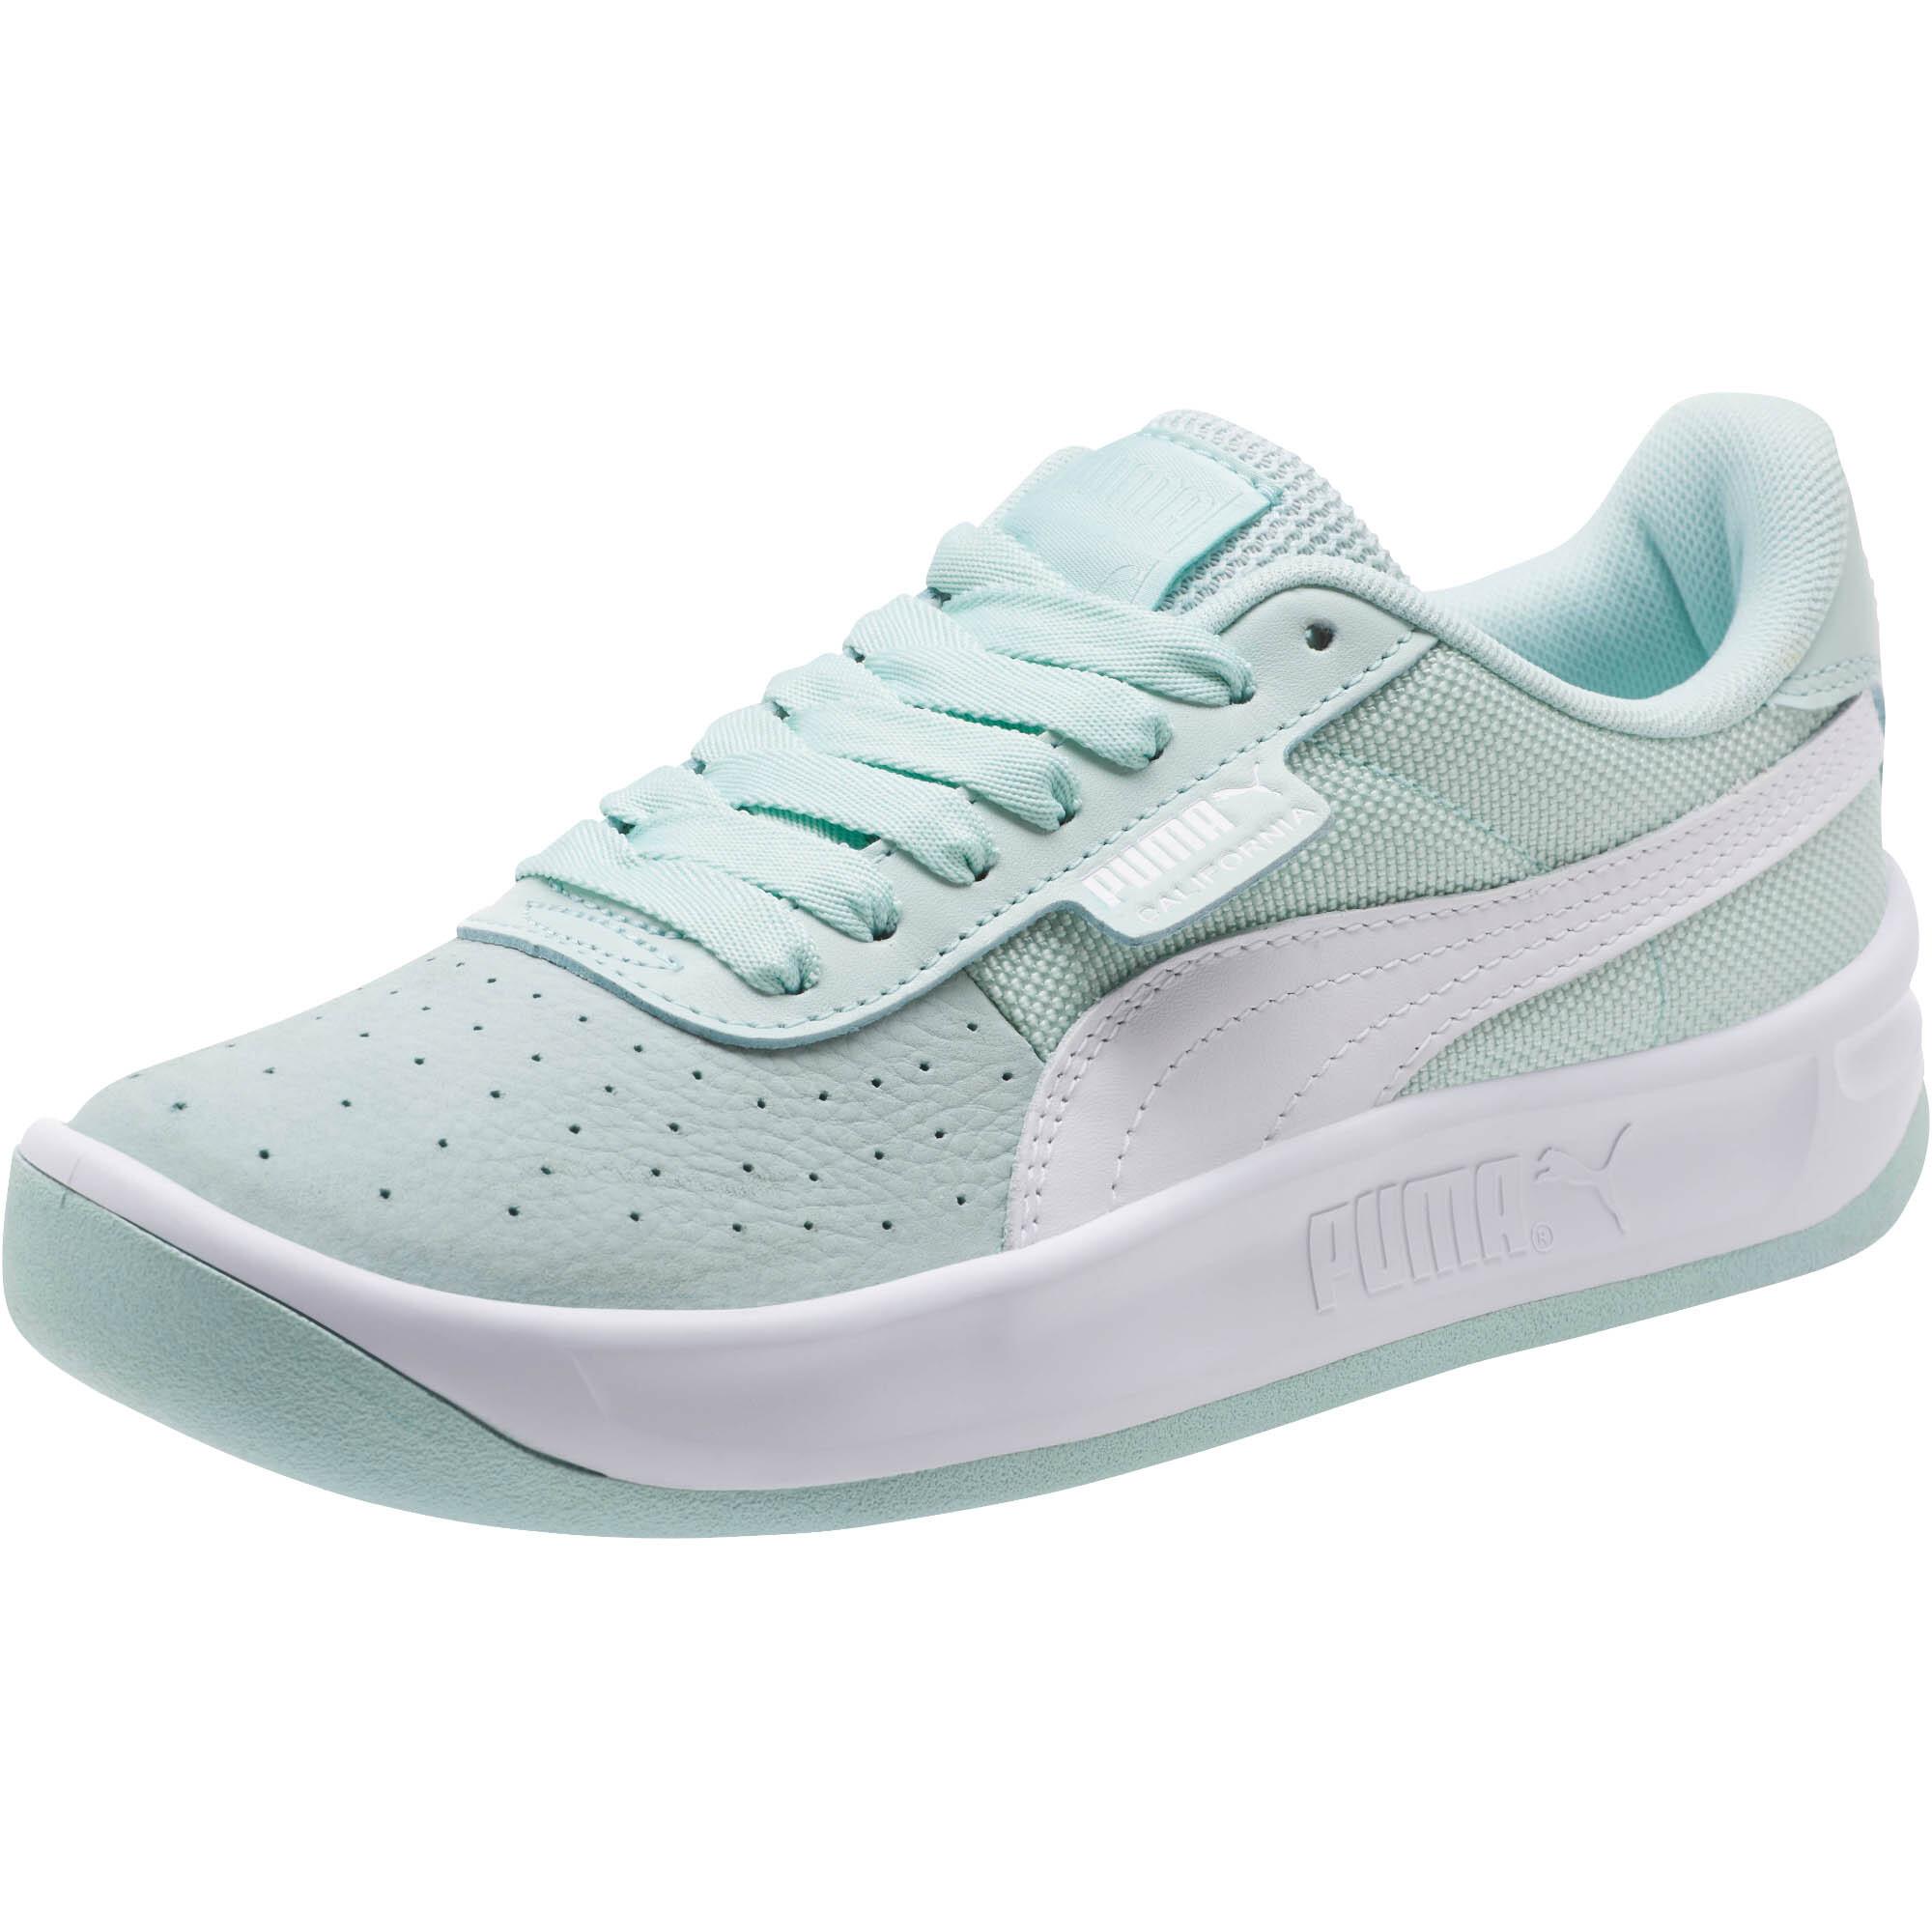 PUMA-California-Women-039-s-Sneakers-Women-Shoe-Sport-Classics thumbnail 10